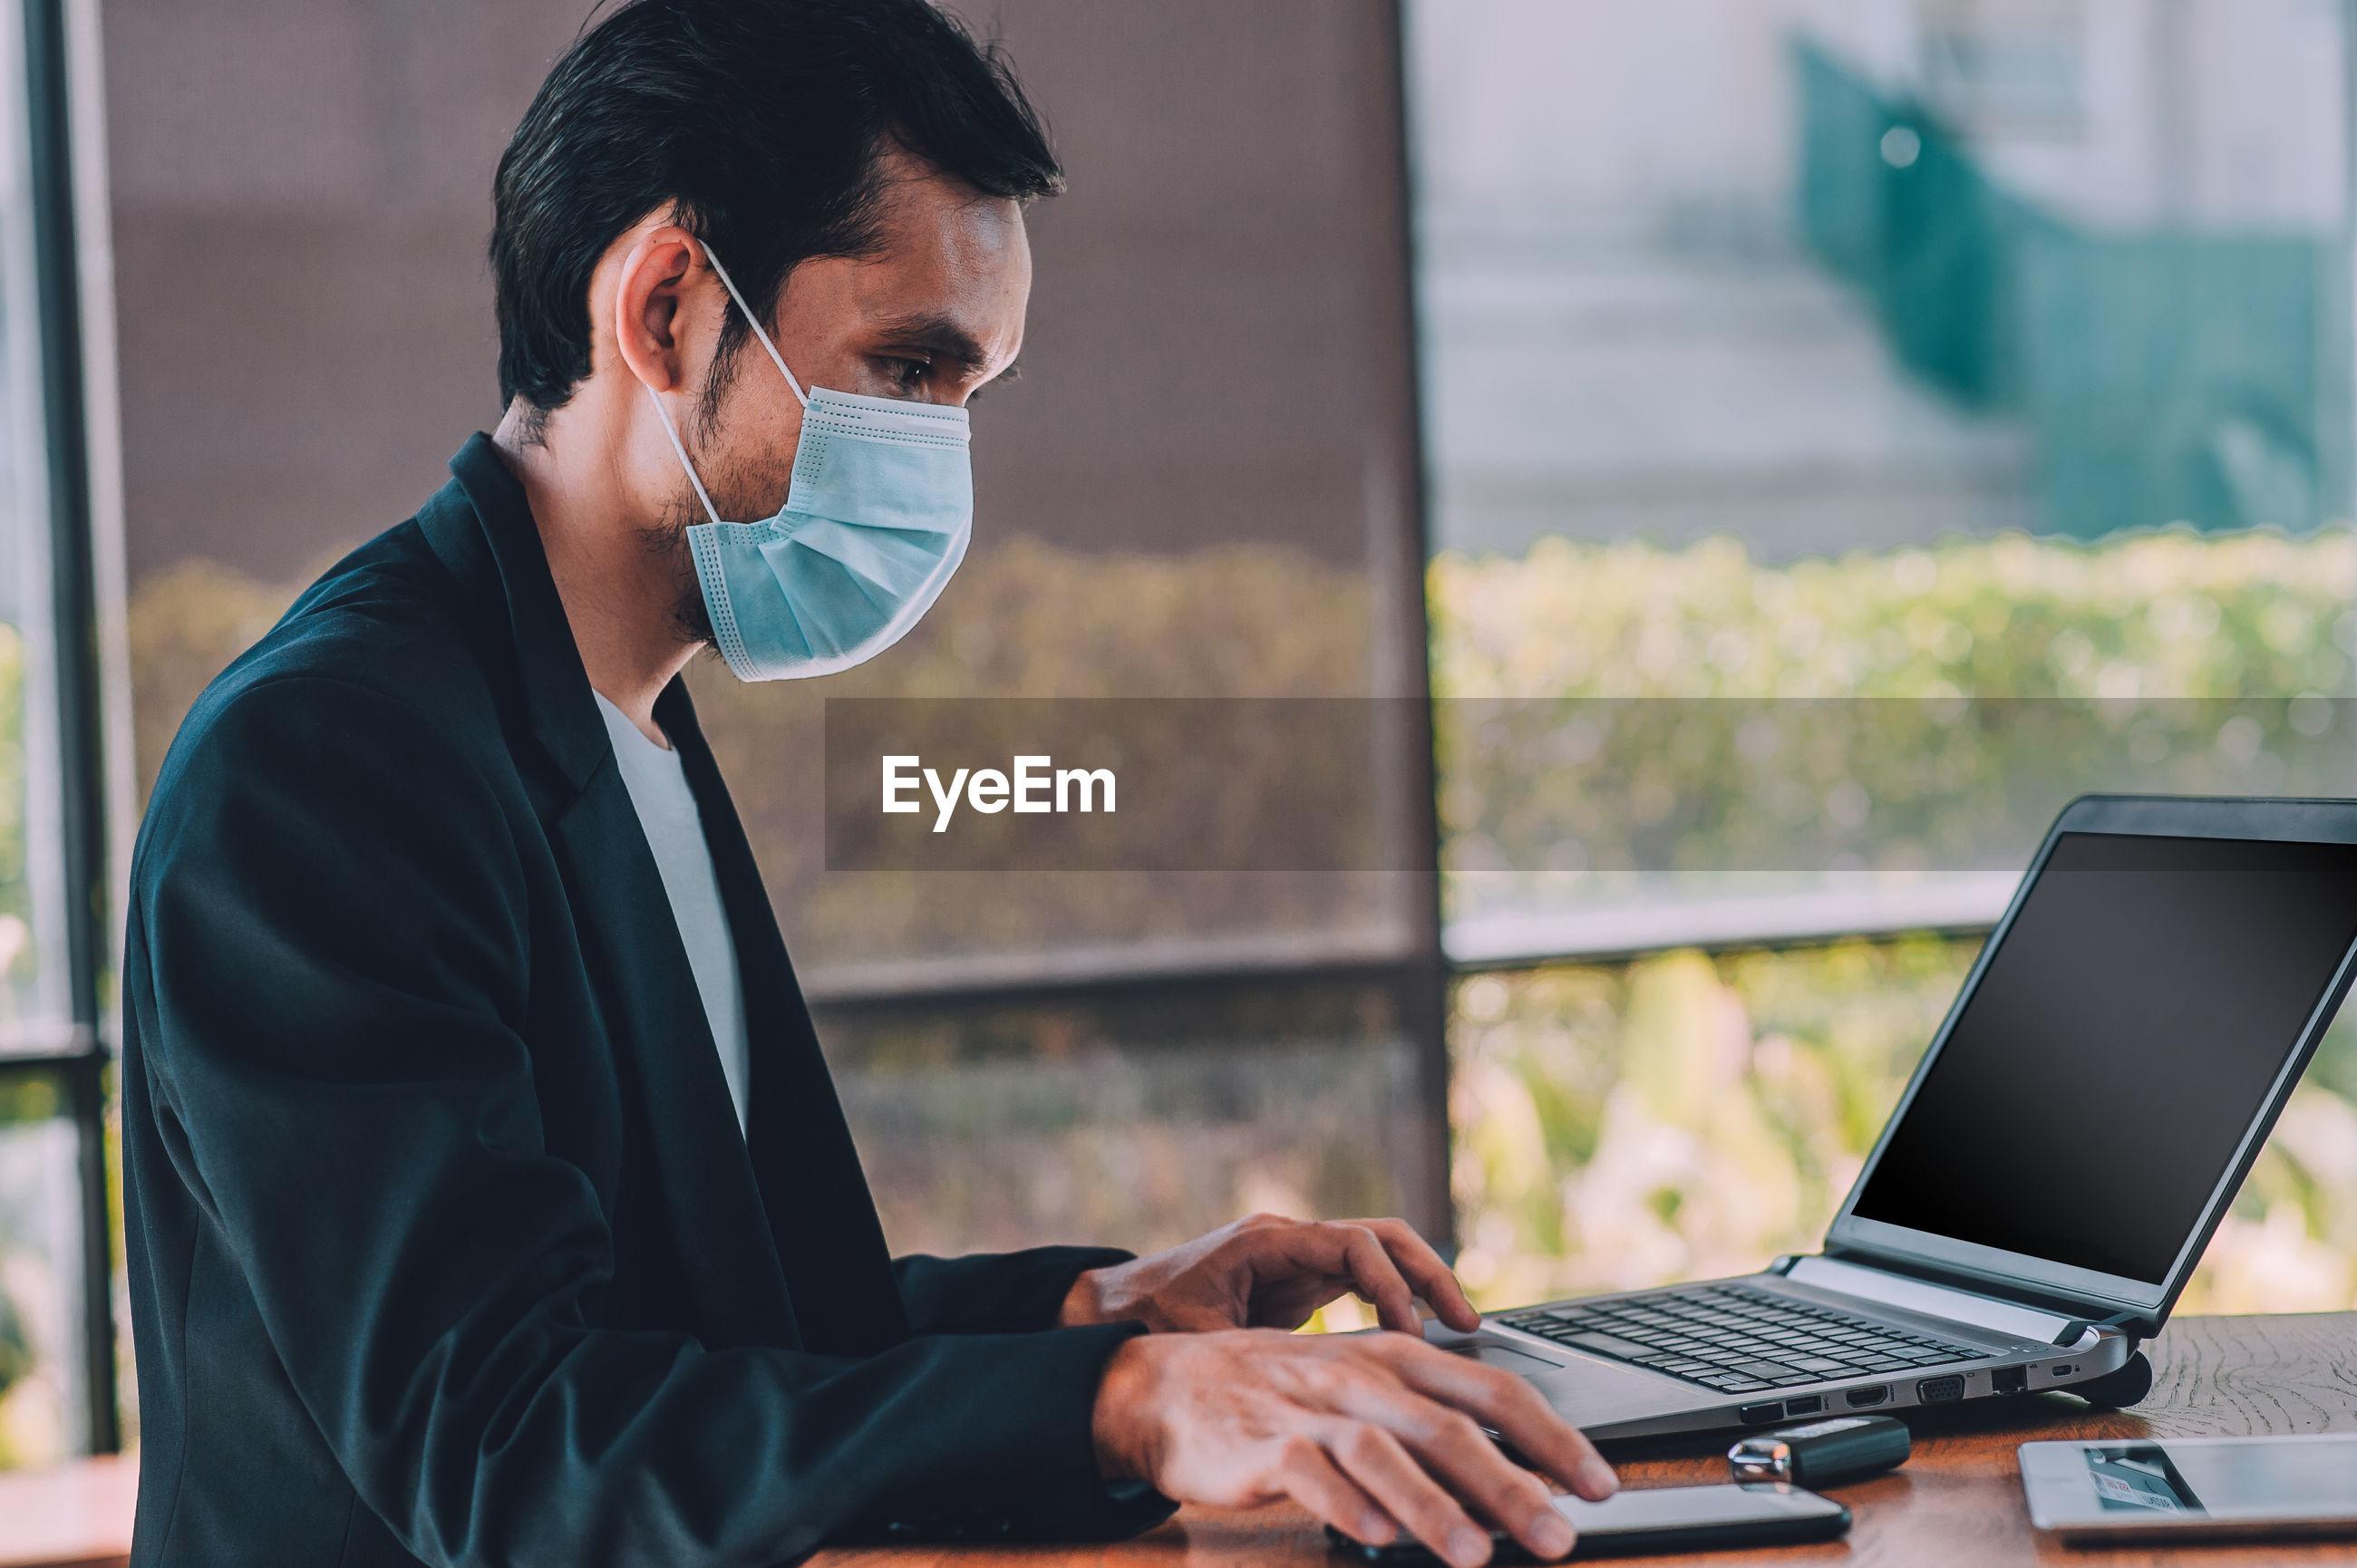 Man wearing mask using laptop at table